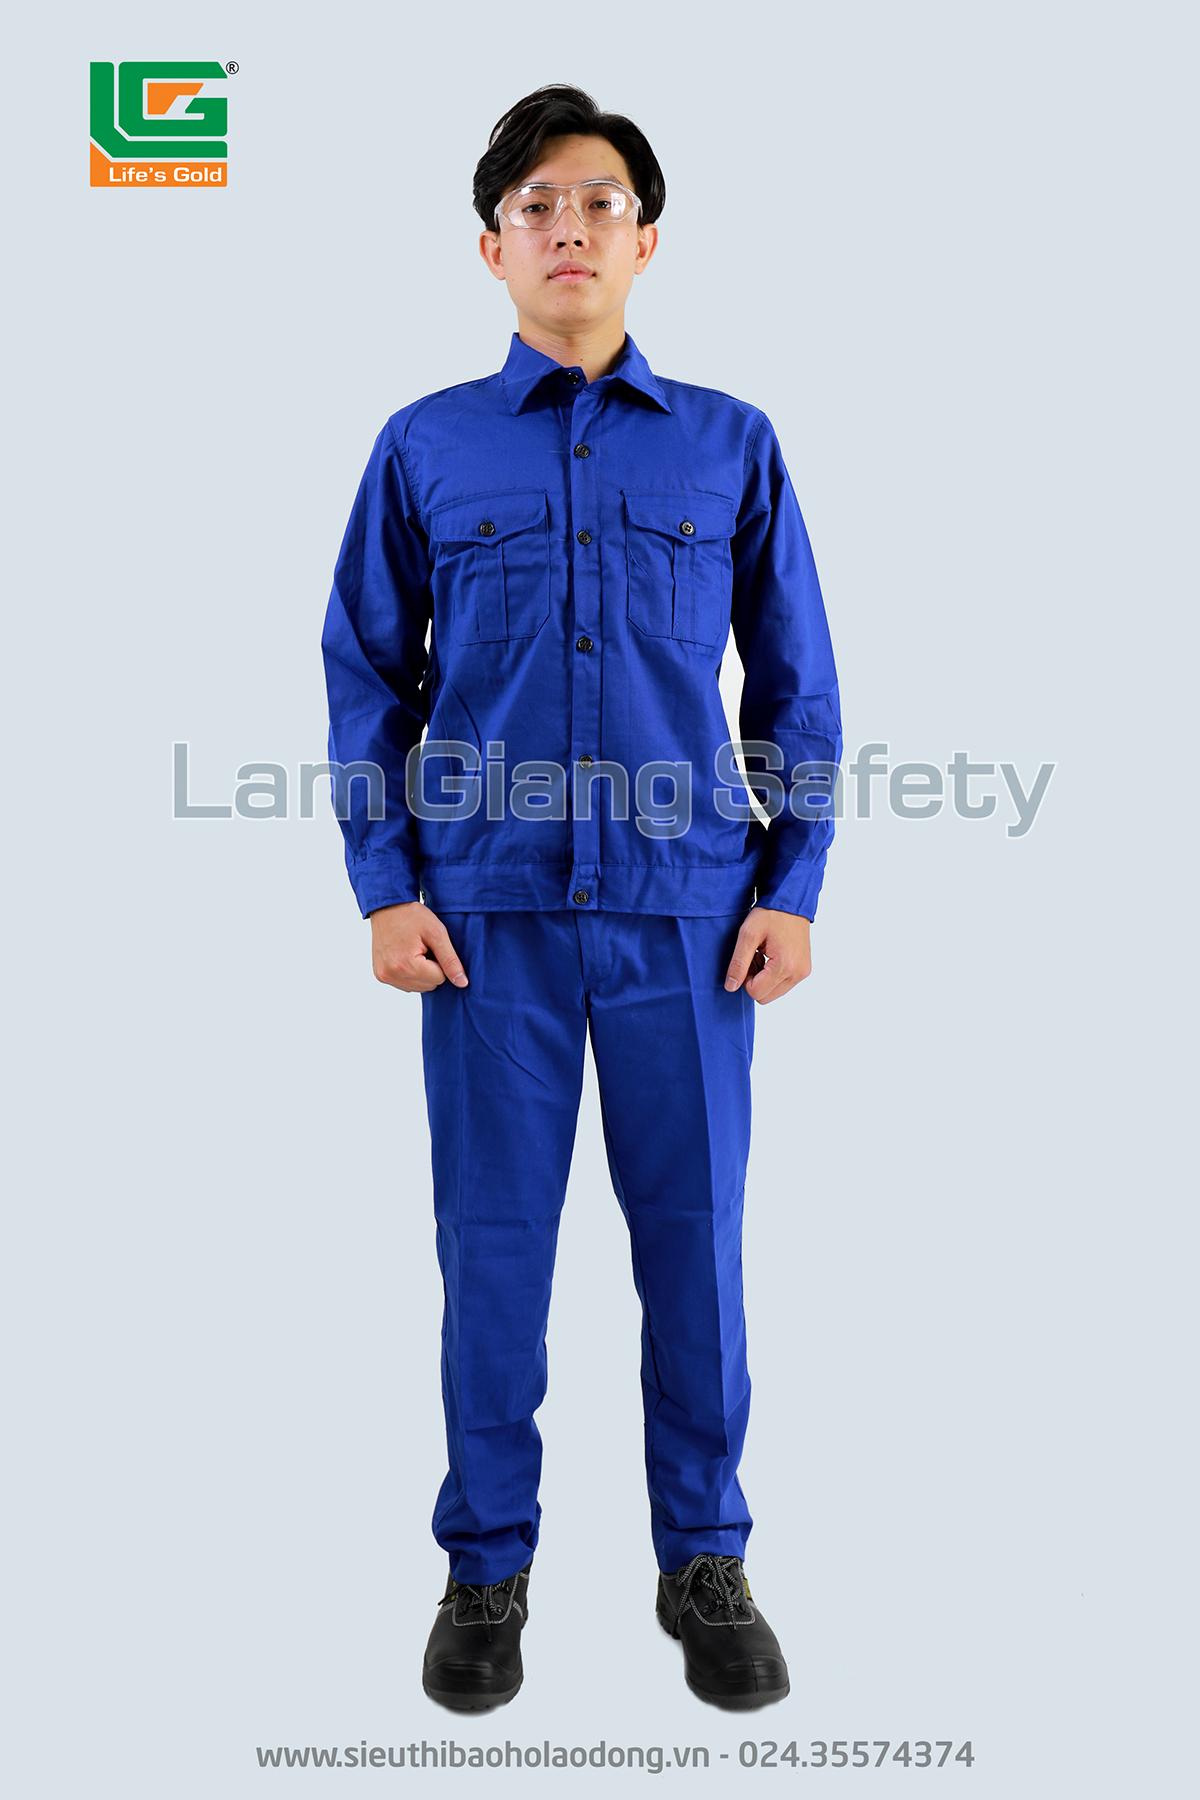 Quần áo vải kaki Nam Định loại 1 màu xanh